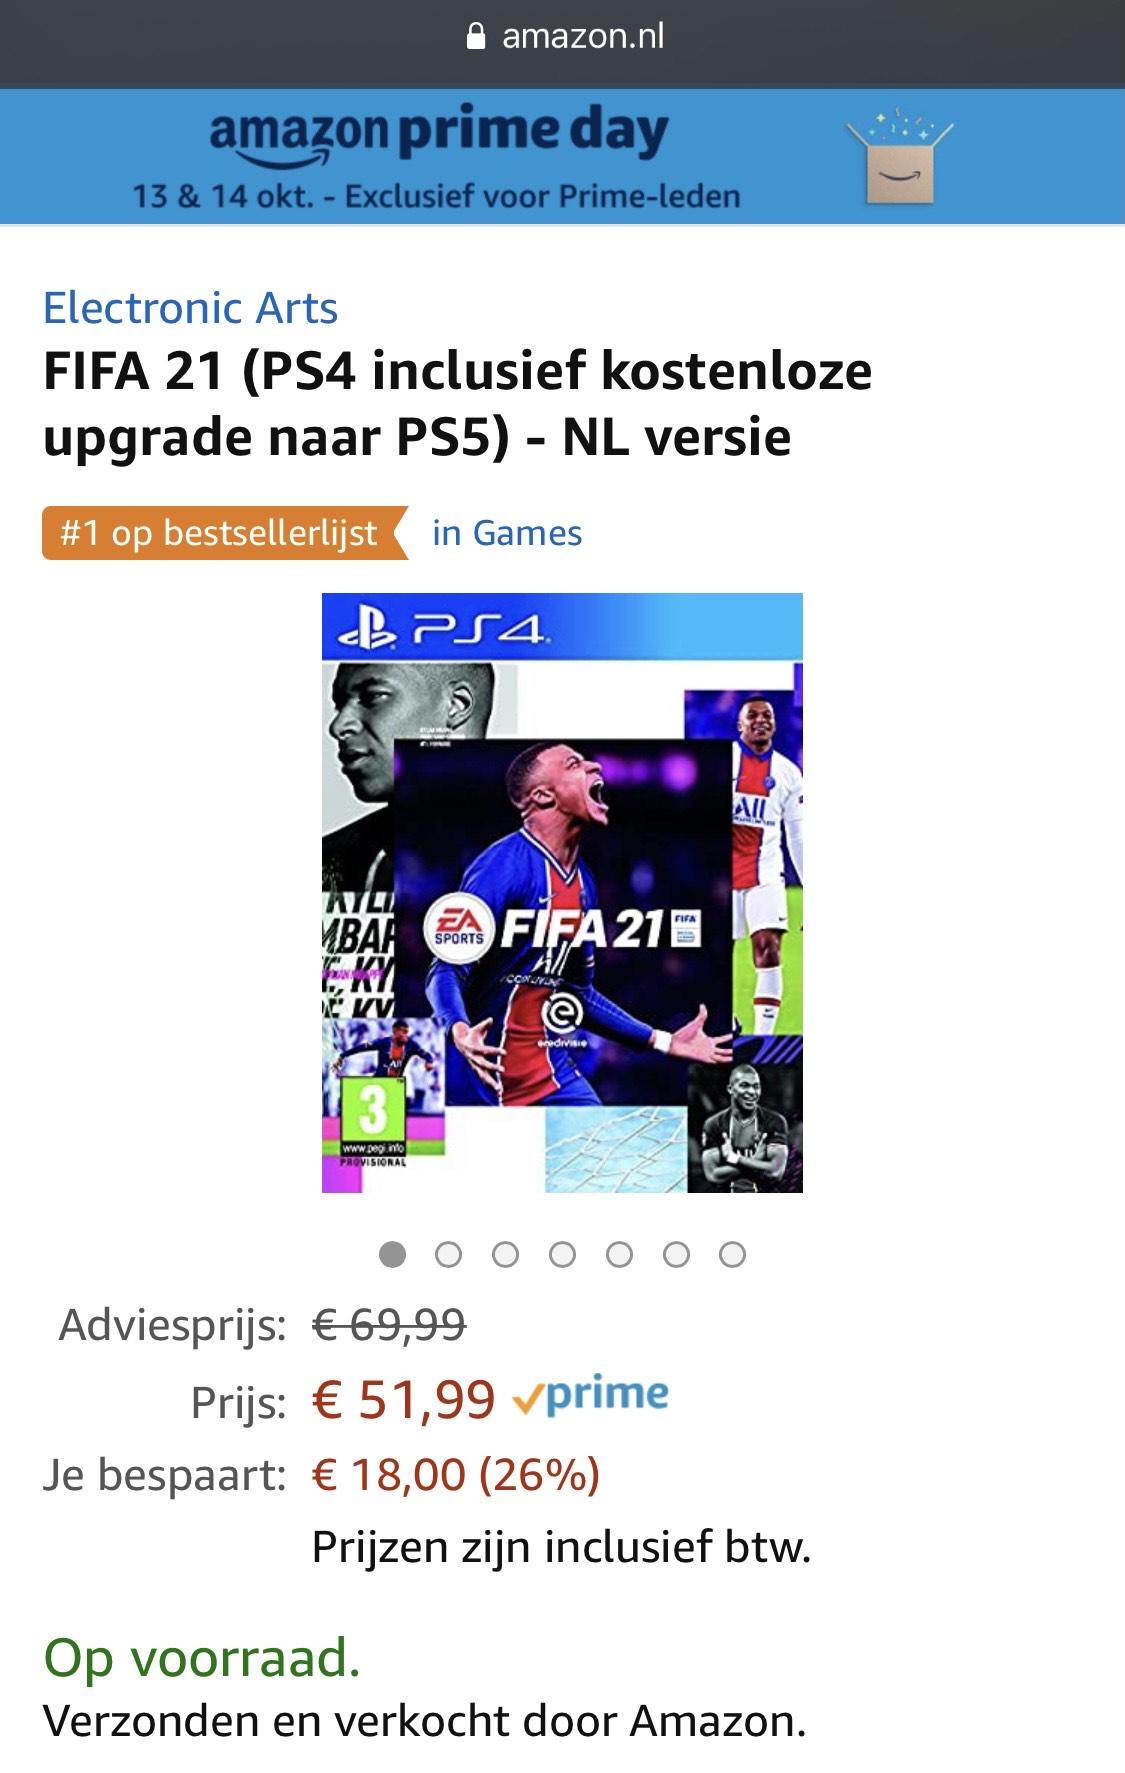 Fifa 21 NL versie voor PS4